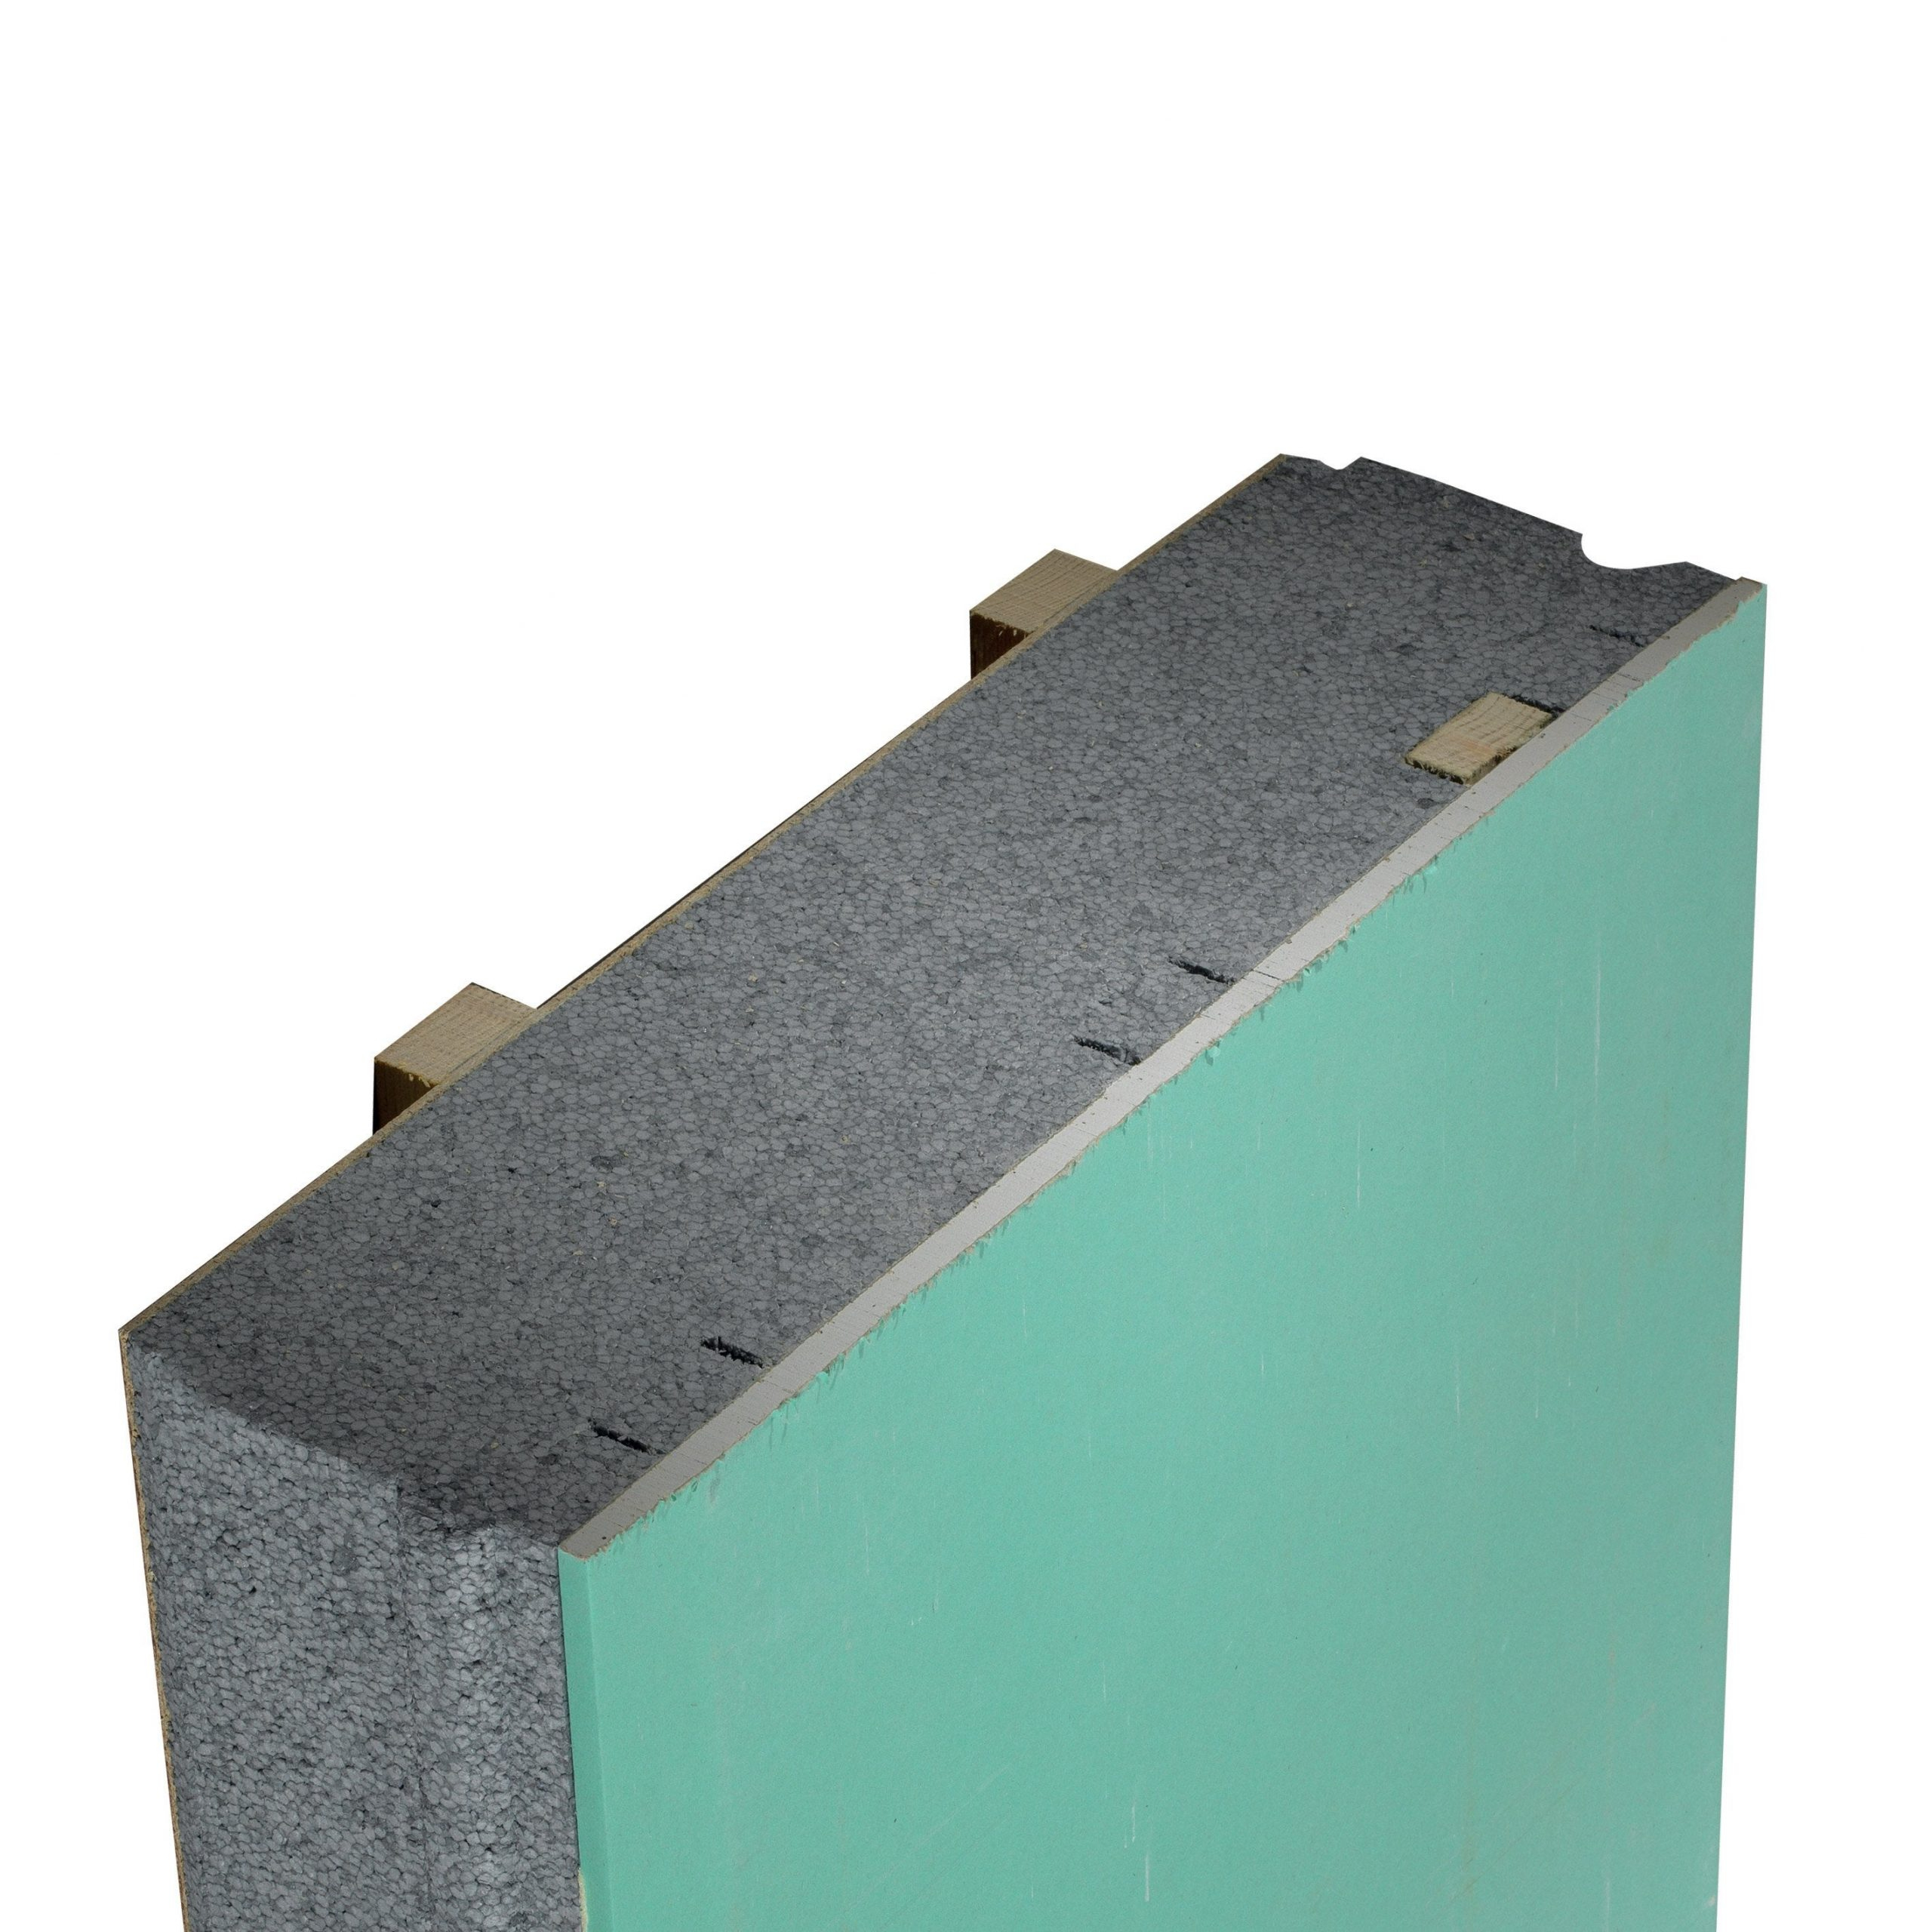 Panneaux Isolation Toiture destiné Peinture Pour Toiture Fibro Ciment Brico Dépôt